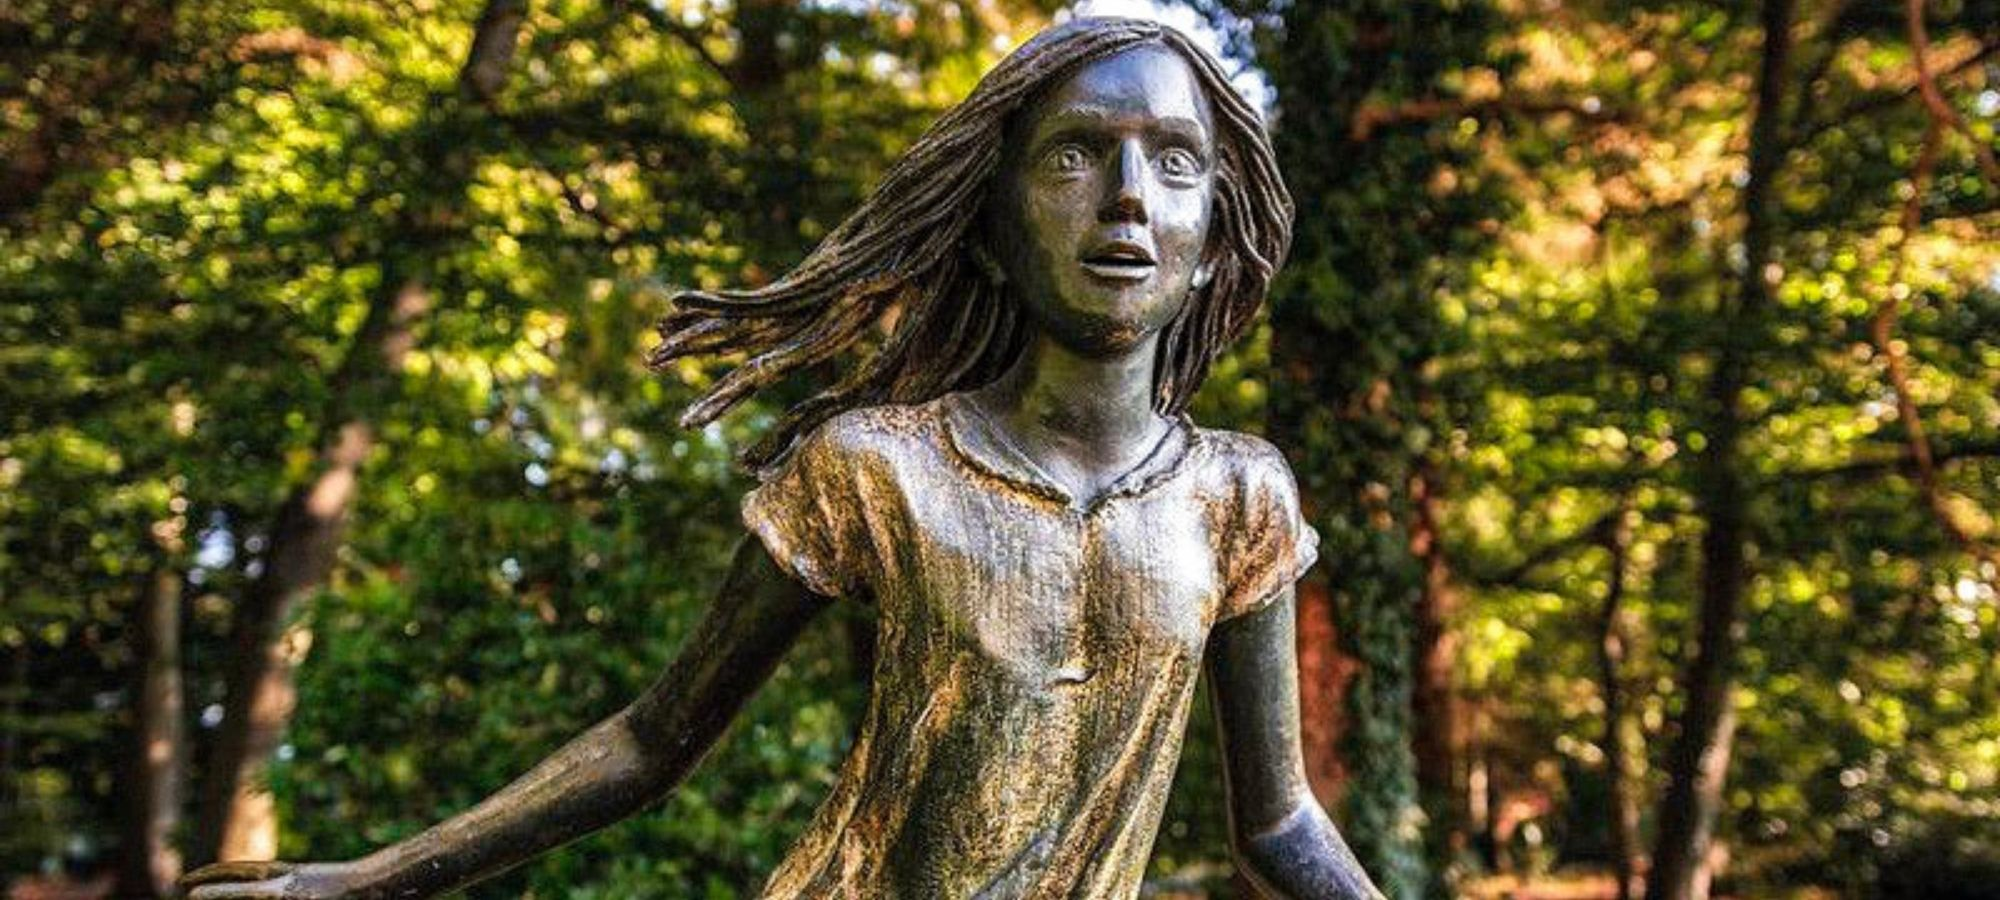 Statue of a young girl running by Czech artist Kurt Gebauer from 1976 in Antwerp's open air park museum